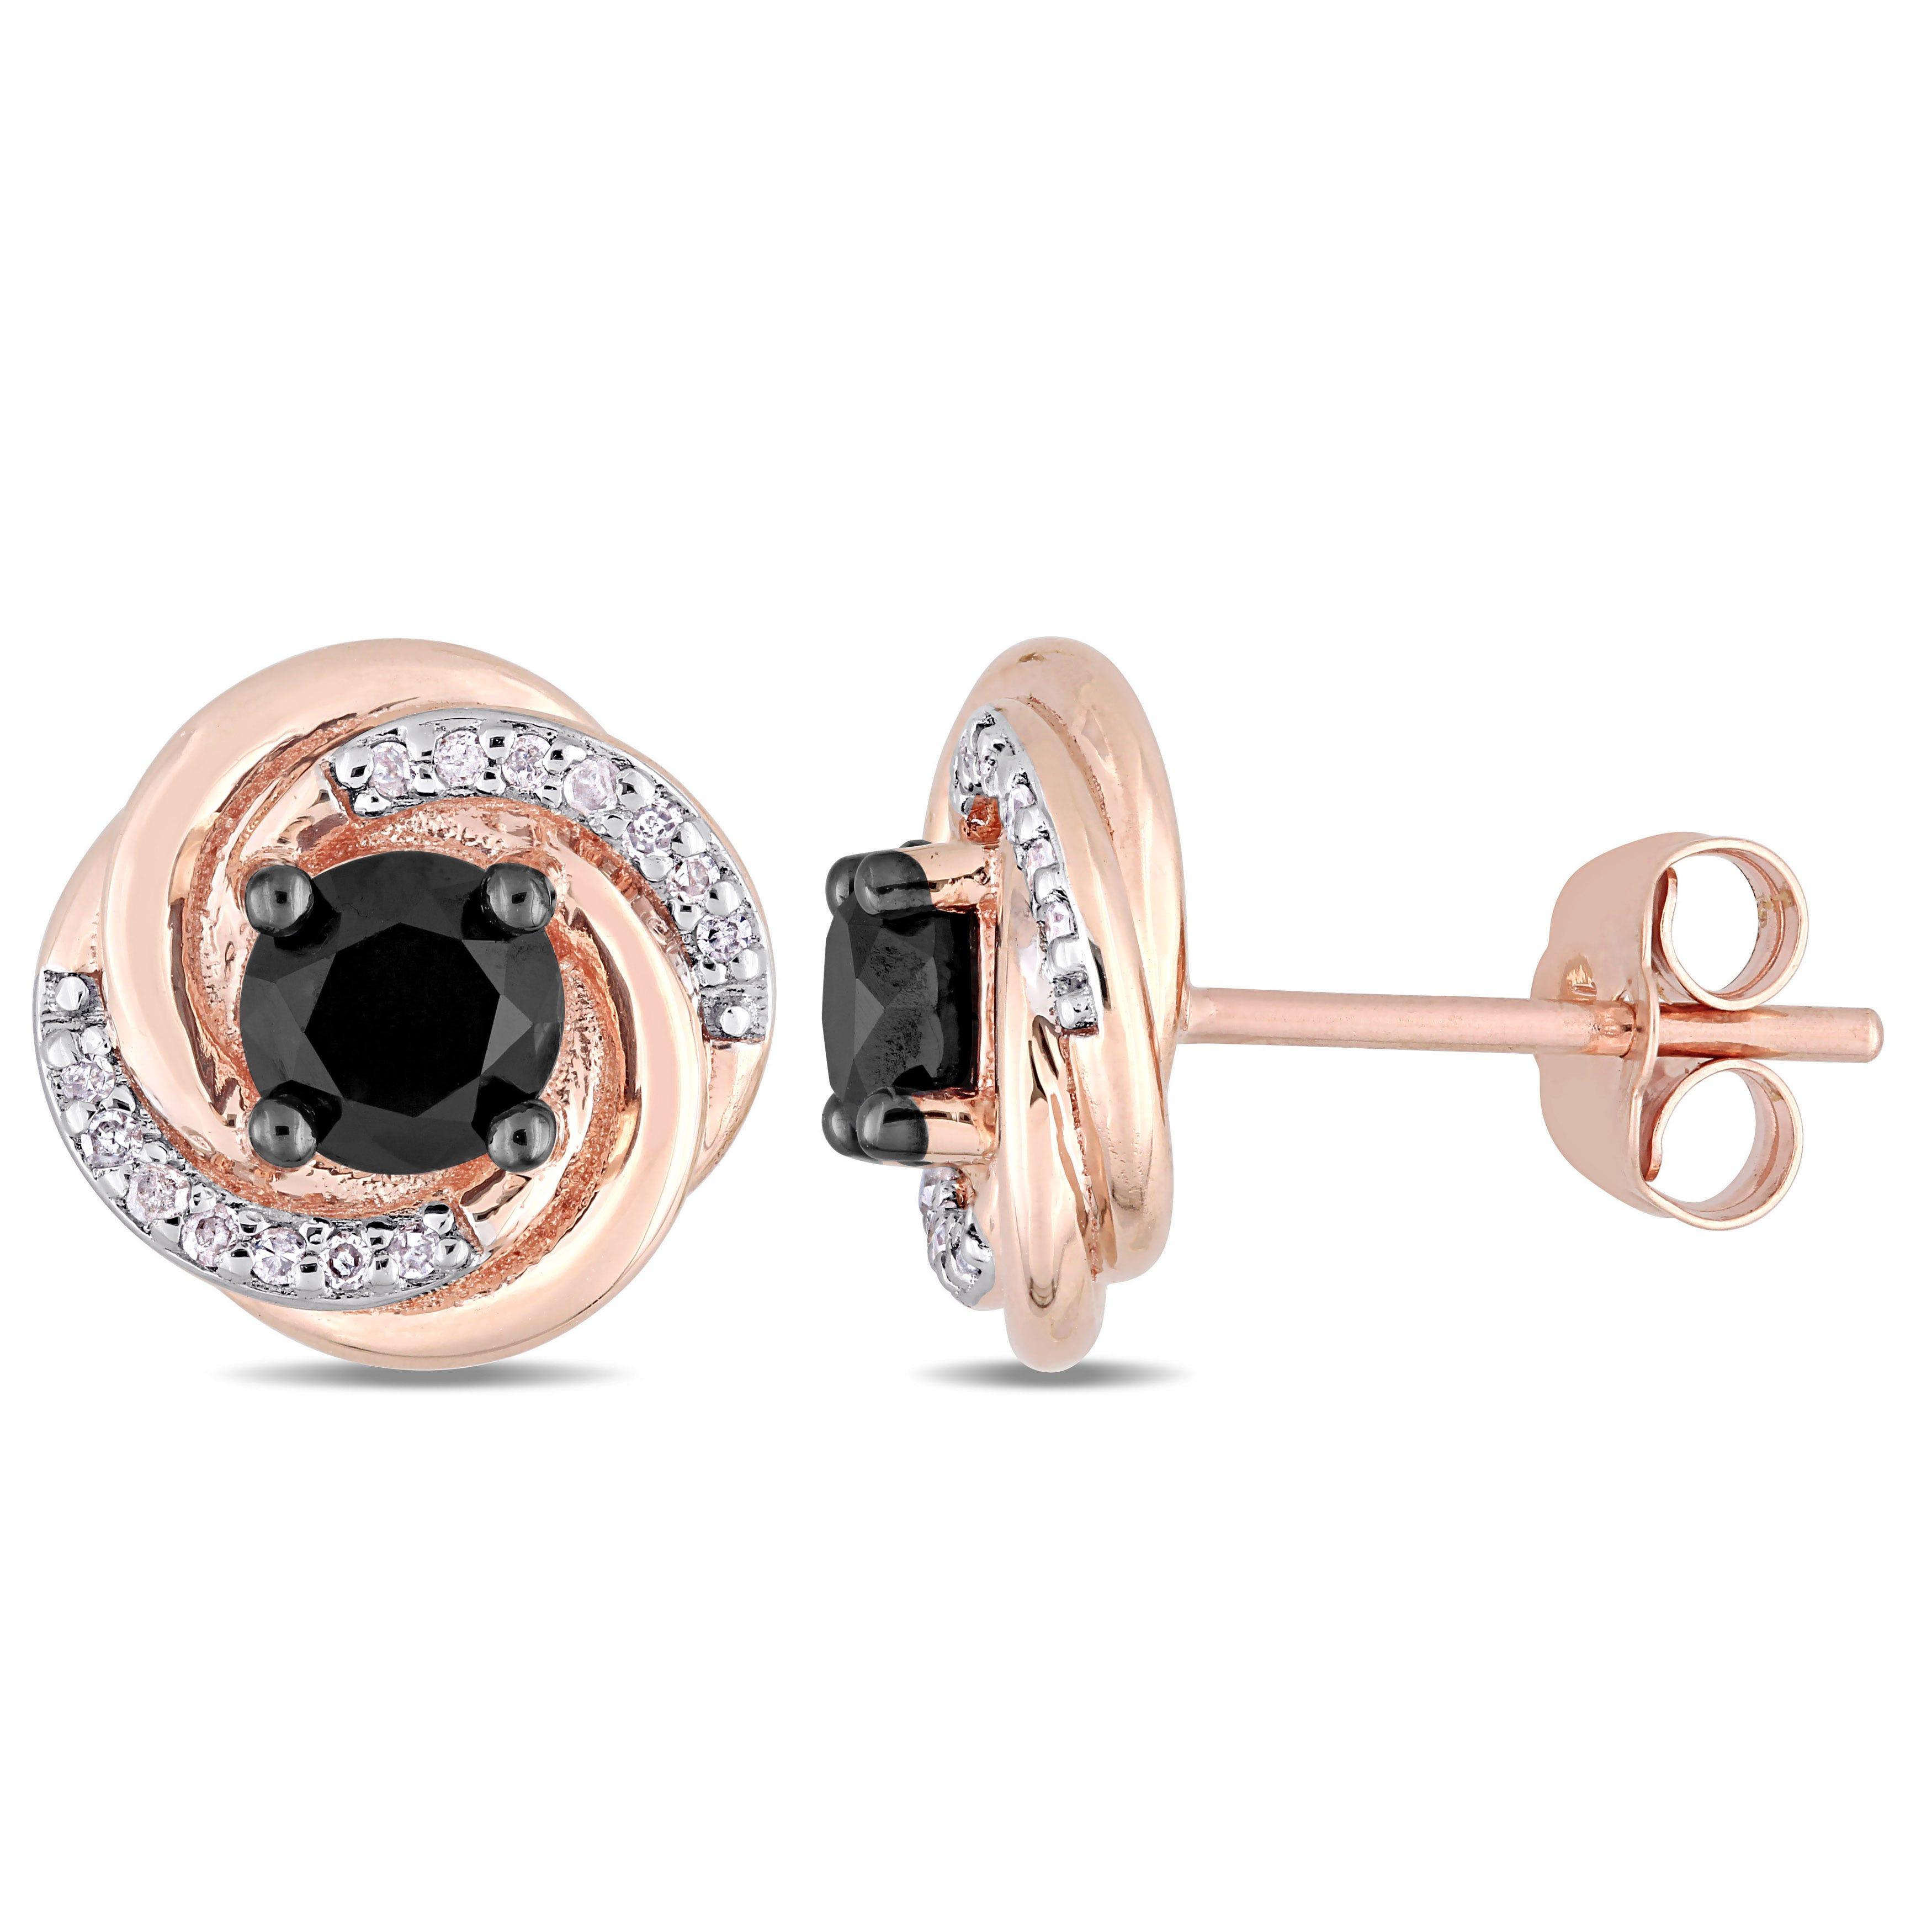 Black & White Diamond Swirl Earrings 1 1/10ctw. In 10k White Gold